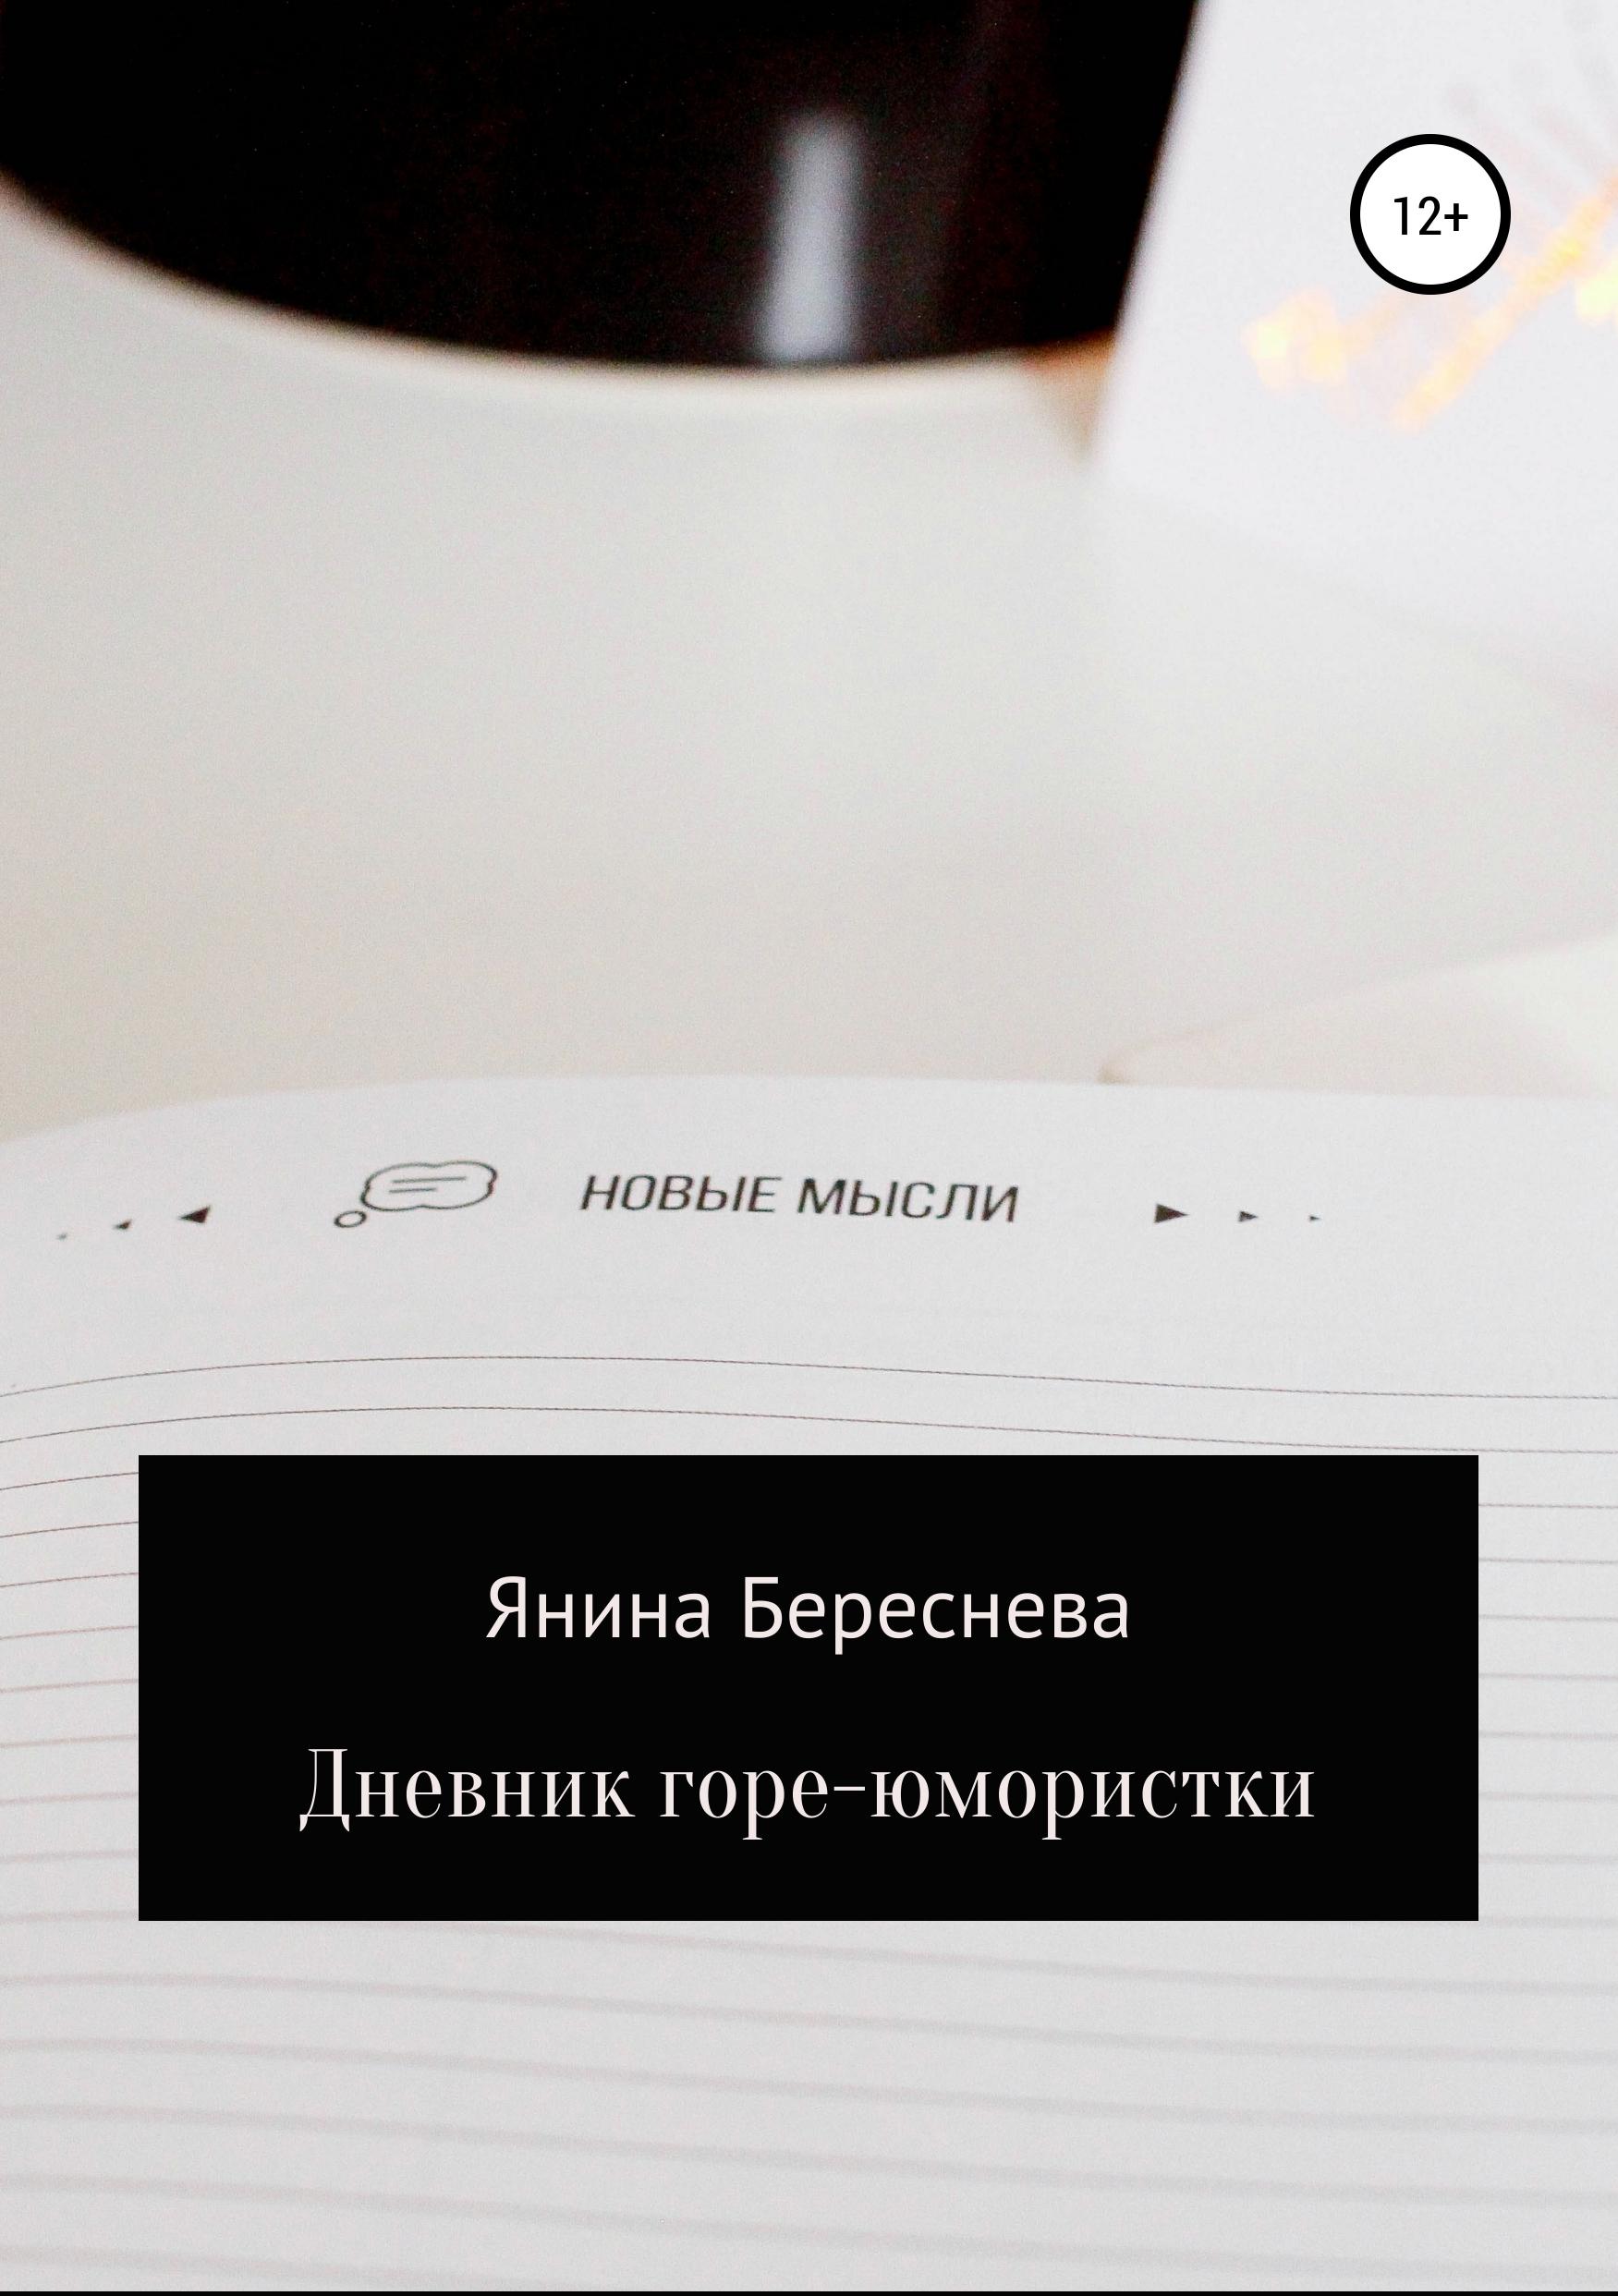 Дневник горе-юмористки